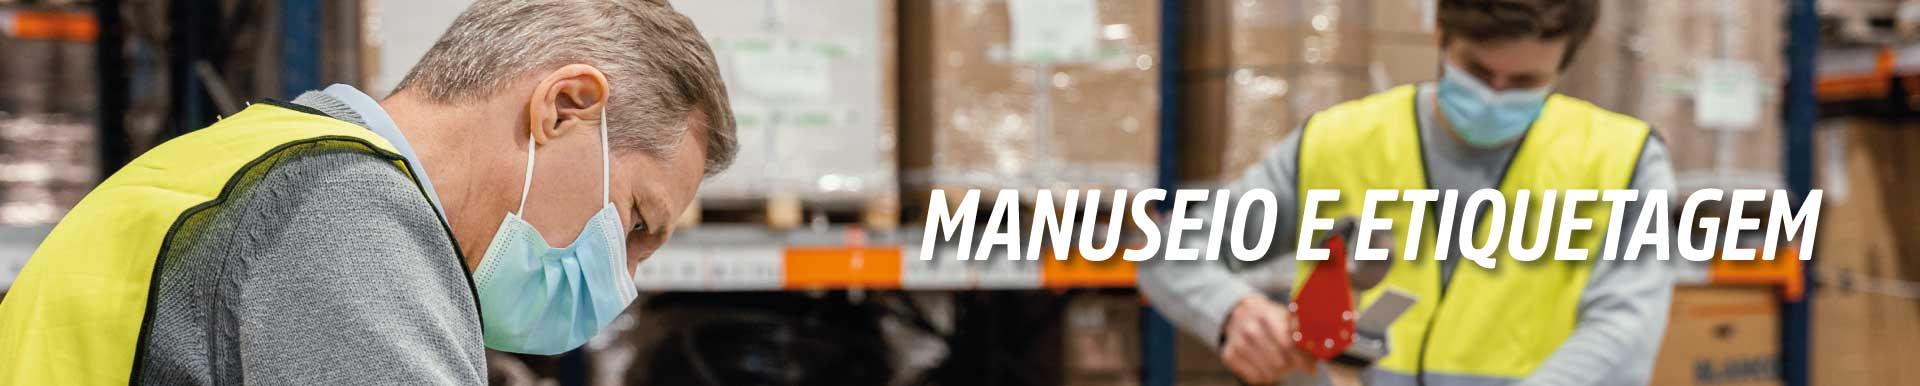 venture cargo serviços- manuseio e etiquetagem